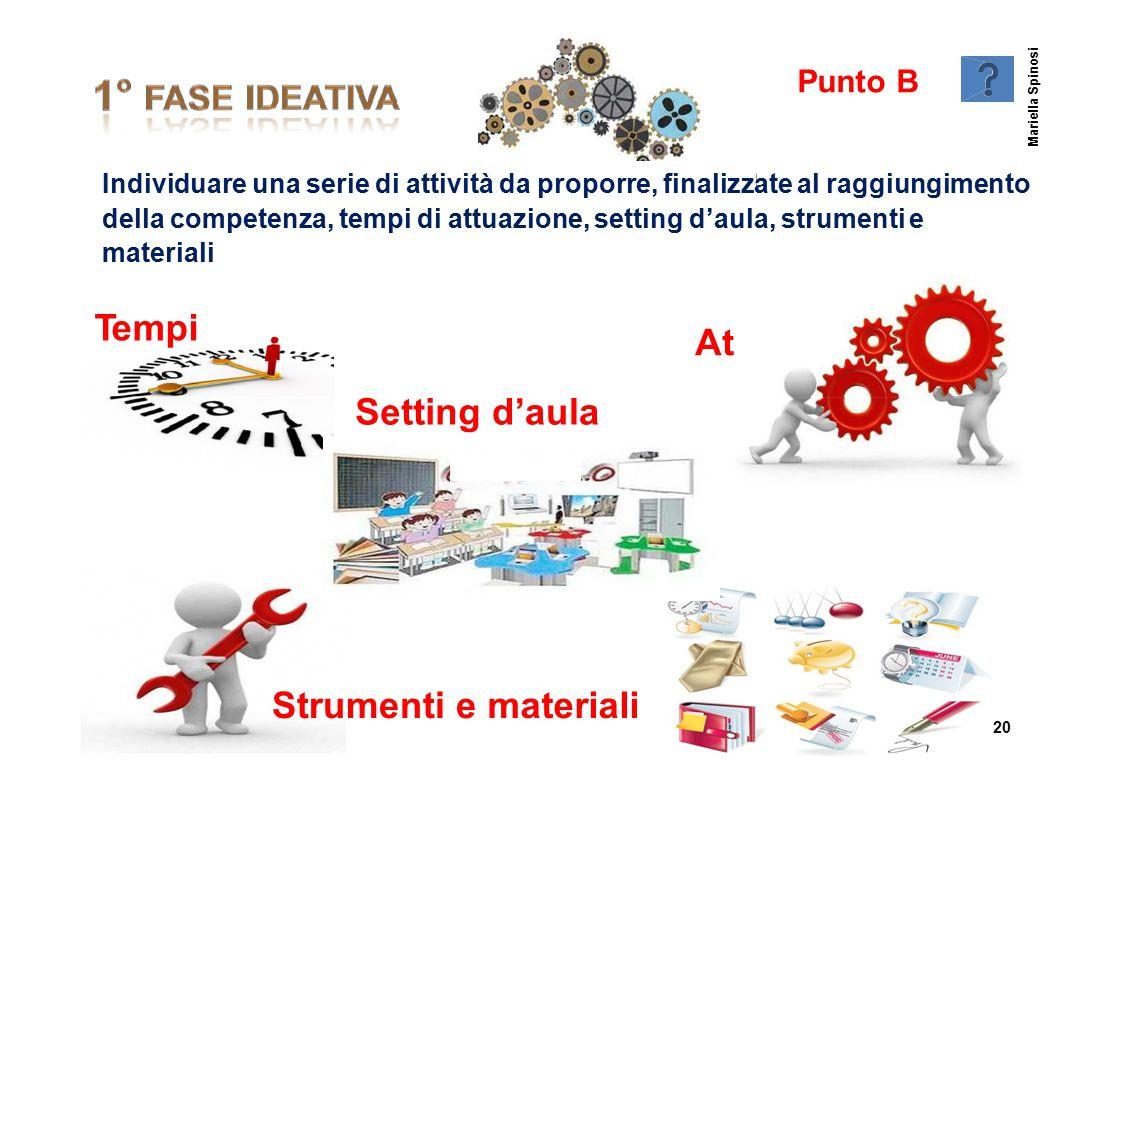 tività Punto B Individuare una serie di attività da proporre, finalizzate al raggiungimento della competenza, materiali tempi di attuazione, settingd'